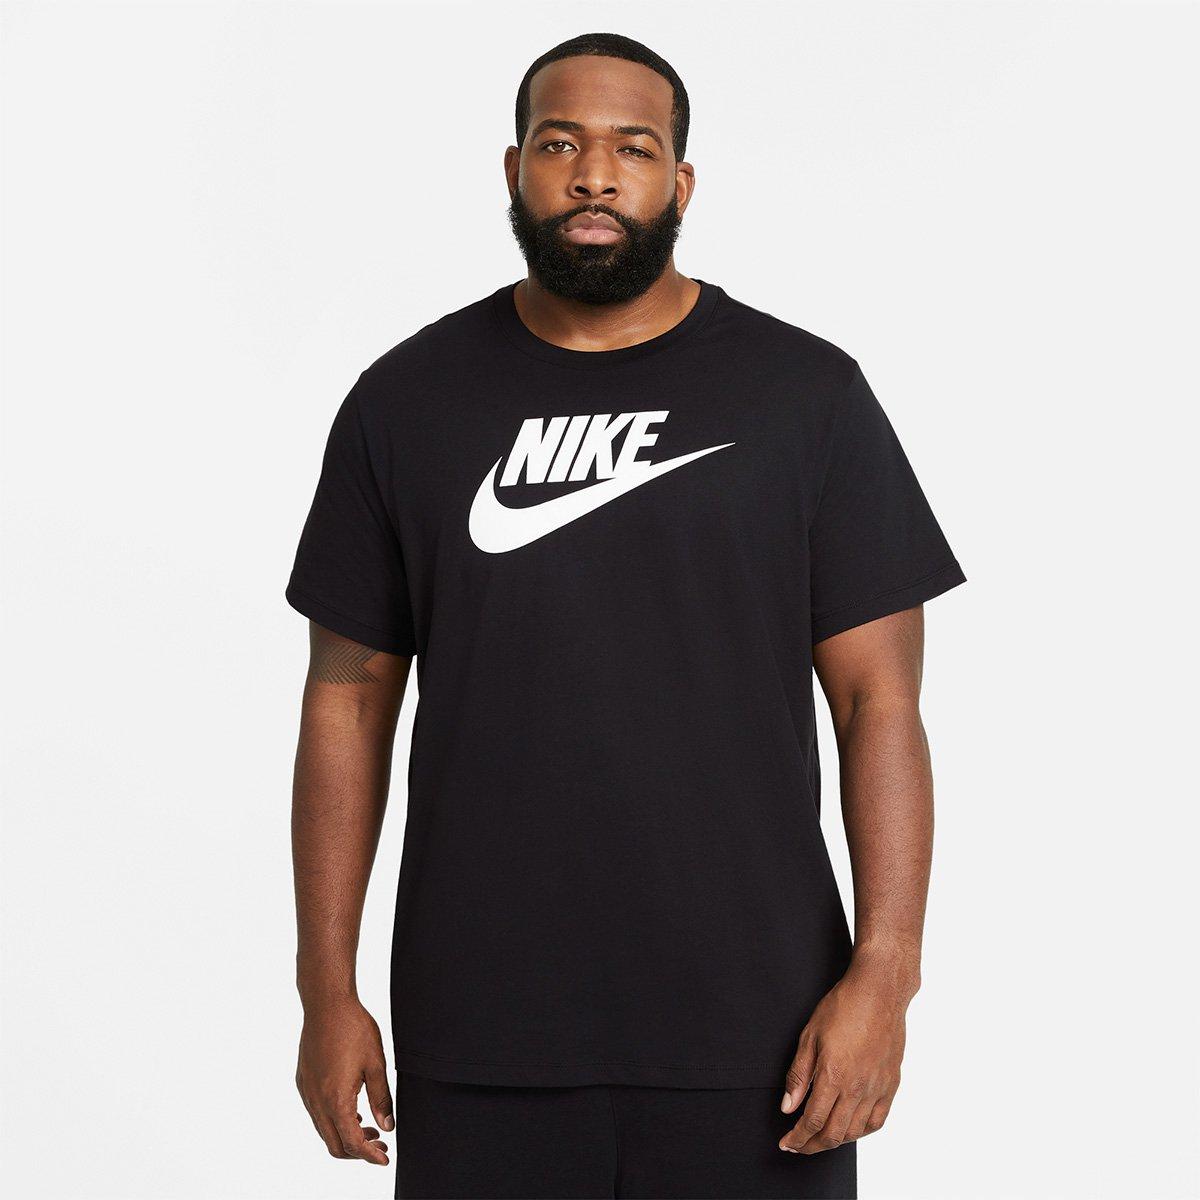 orden excepcional gama de estilos y colores excepcional gama de colores Camiseta Nike Sportwear Icon Futura Masculina | Shop Timão